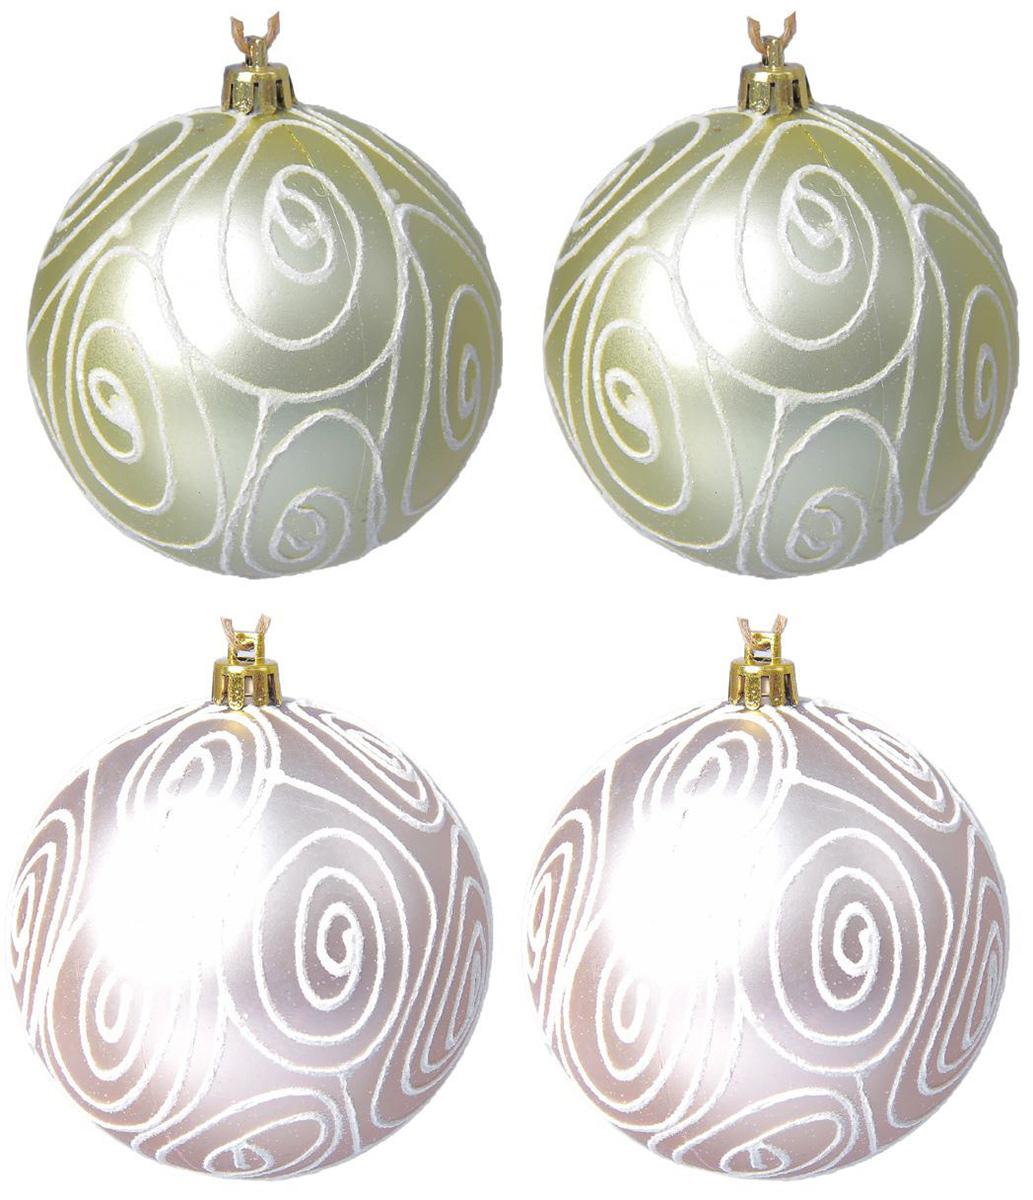 Набор новогодних подвесных украшений Sima-land Тефия. Нежность, диаметр 8 см, 4 шт2137162Набор новогодних подвесных украшений Sima-land отлично подойдет для декорации вашего дома и новогодней ели. С помощью специальной петельки украшение можно повесить в любом понравившемся вам месте. Но, конечно, удачнее всего оно будет смотреться на праздничной елке. Елочная игрушка - символ Нового года. Она несет в себе волшебство и красоту праздника. Создайте в своем доме атмосферу веселья и радости, украшая новогоднюю елку нарядными игрушками, которые будут из года в год накапливать теплоту воспоминаний.